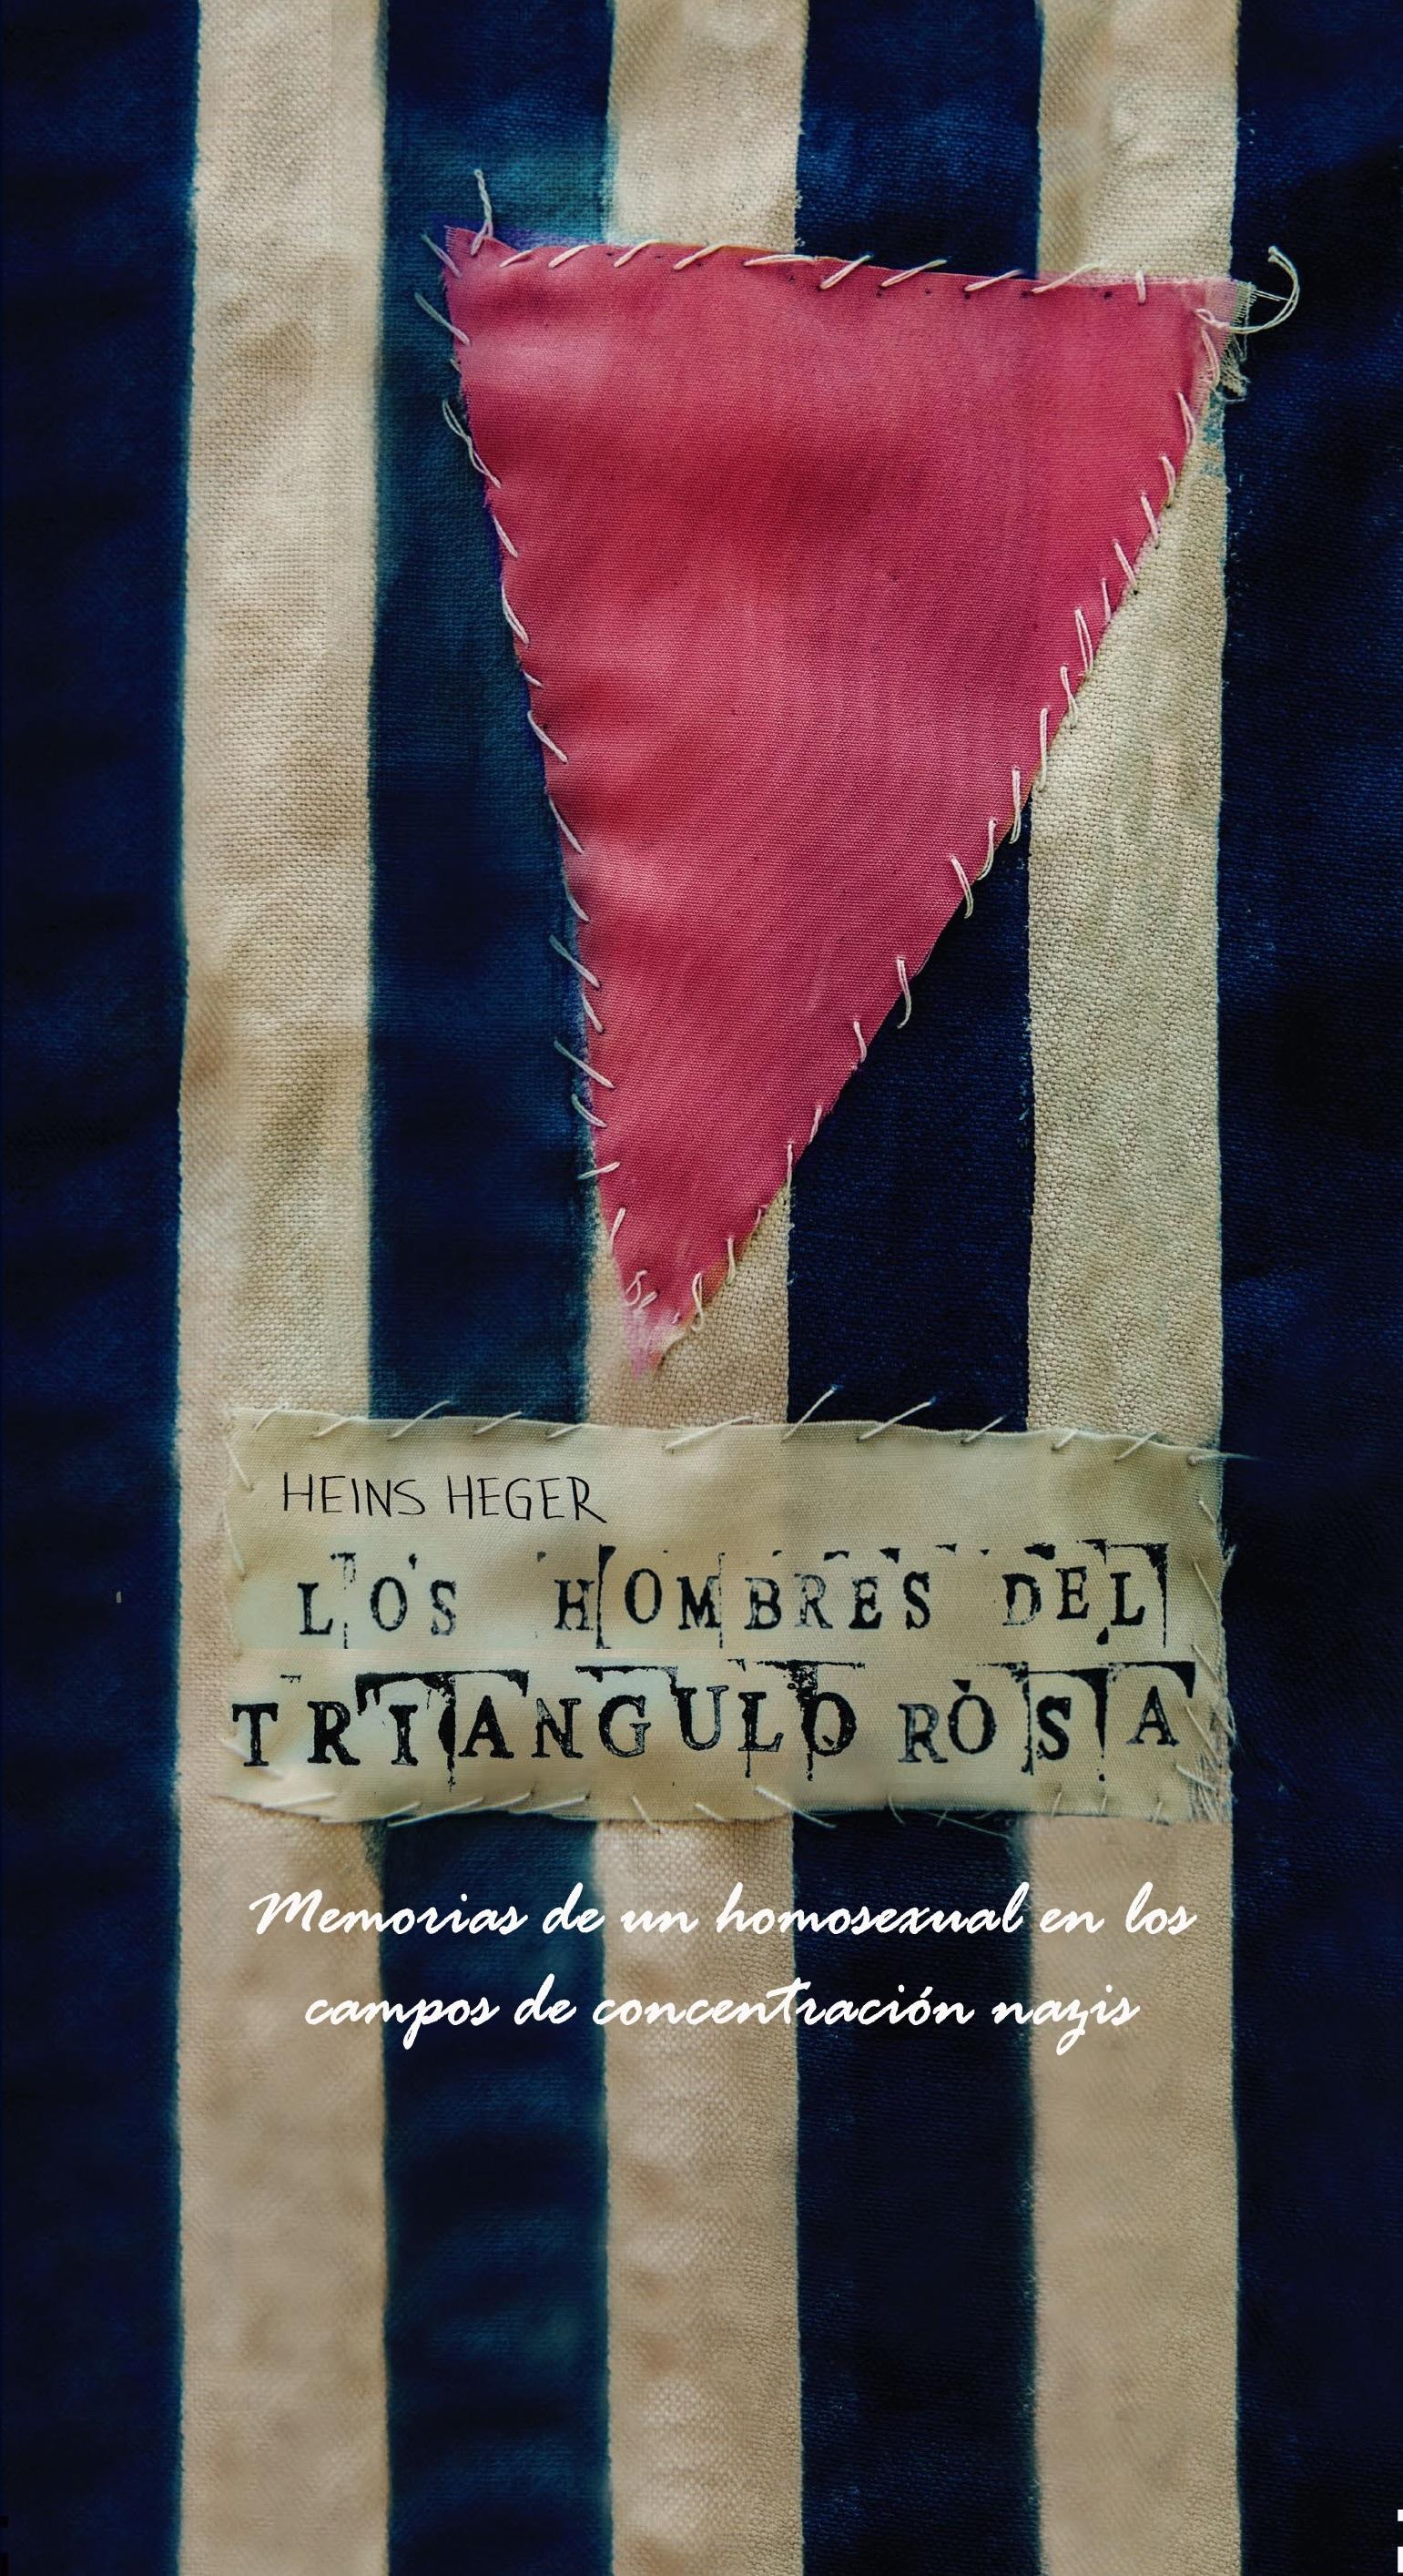 Los hombres del triángulo rosa portada